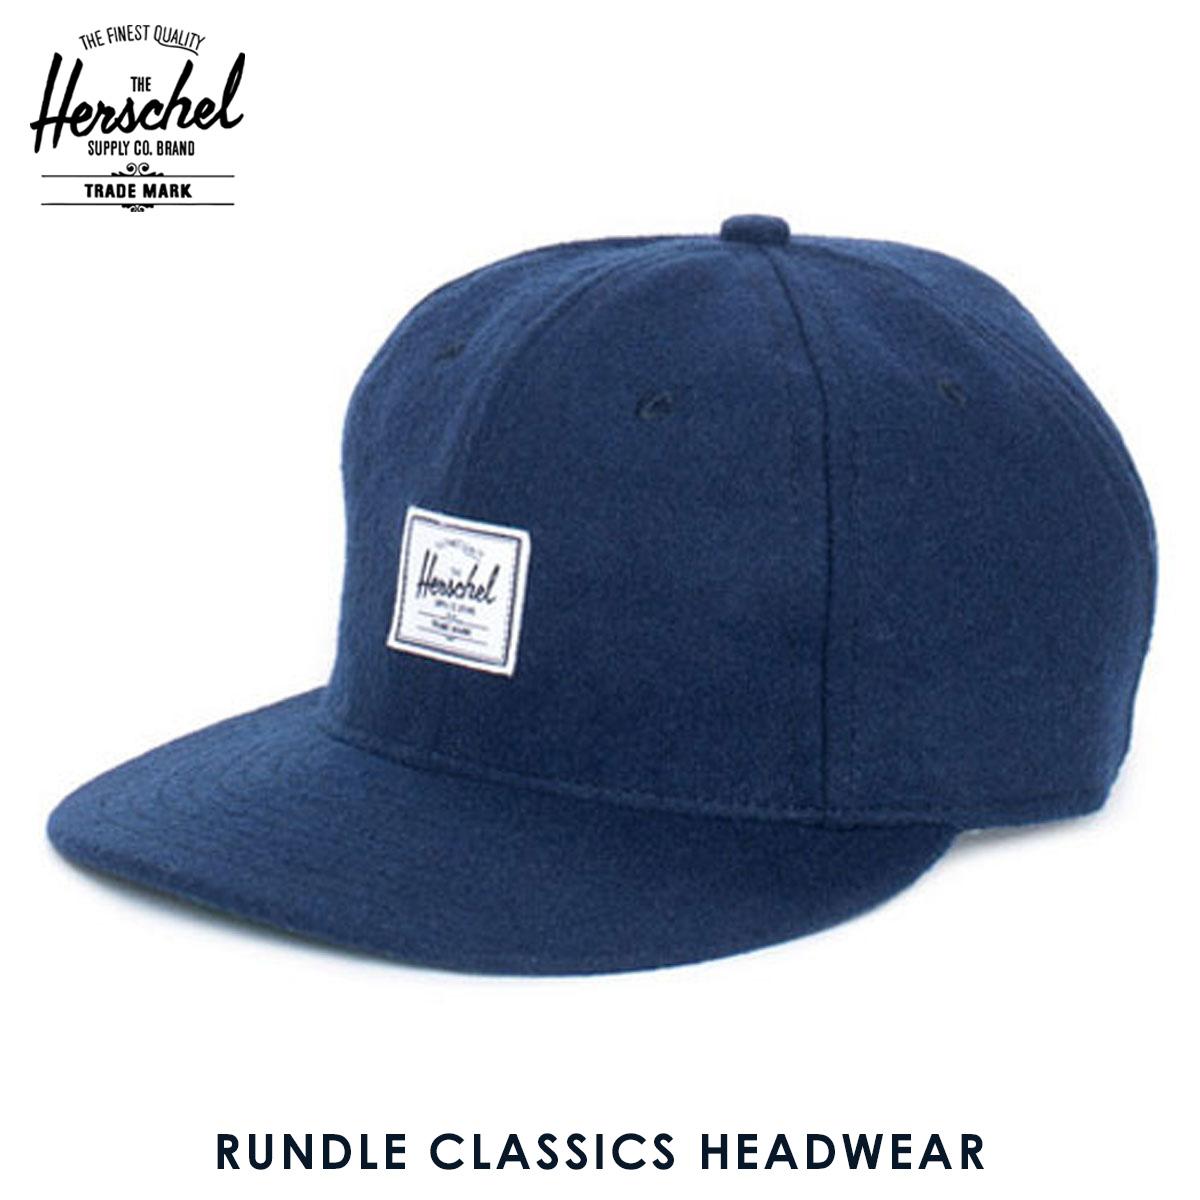 e0abced2554aa Rakuten Ichiba shop MIXON  Hershel supply Herschel Supply regular store cap  Rundle Classics Headwear 1009-0038-OS Navy D15S25